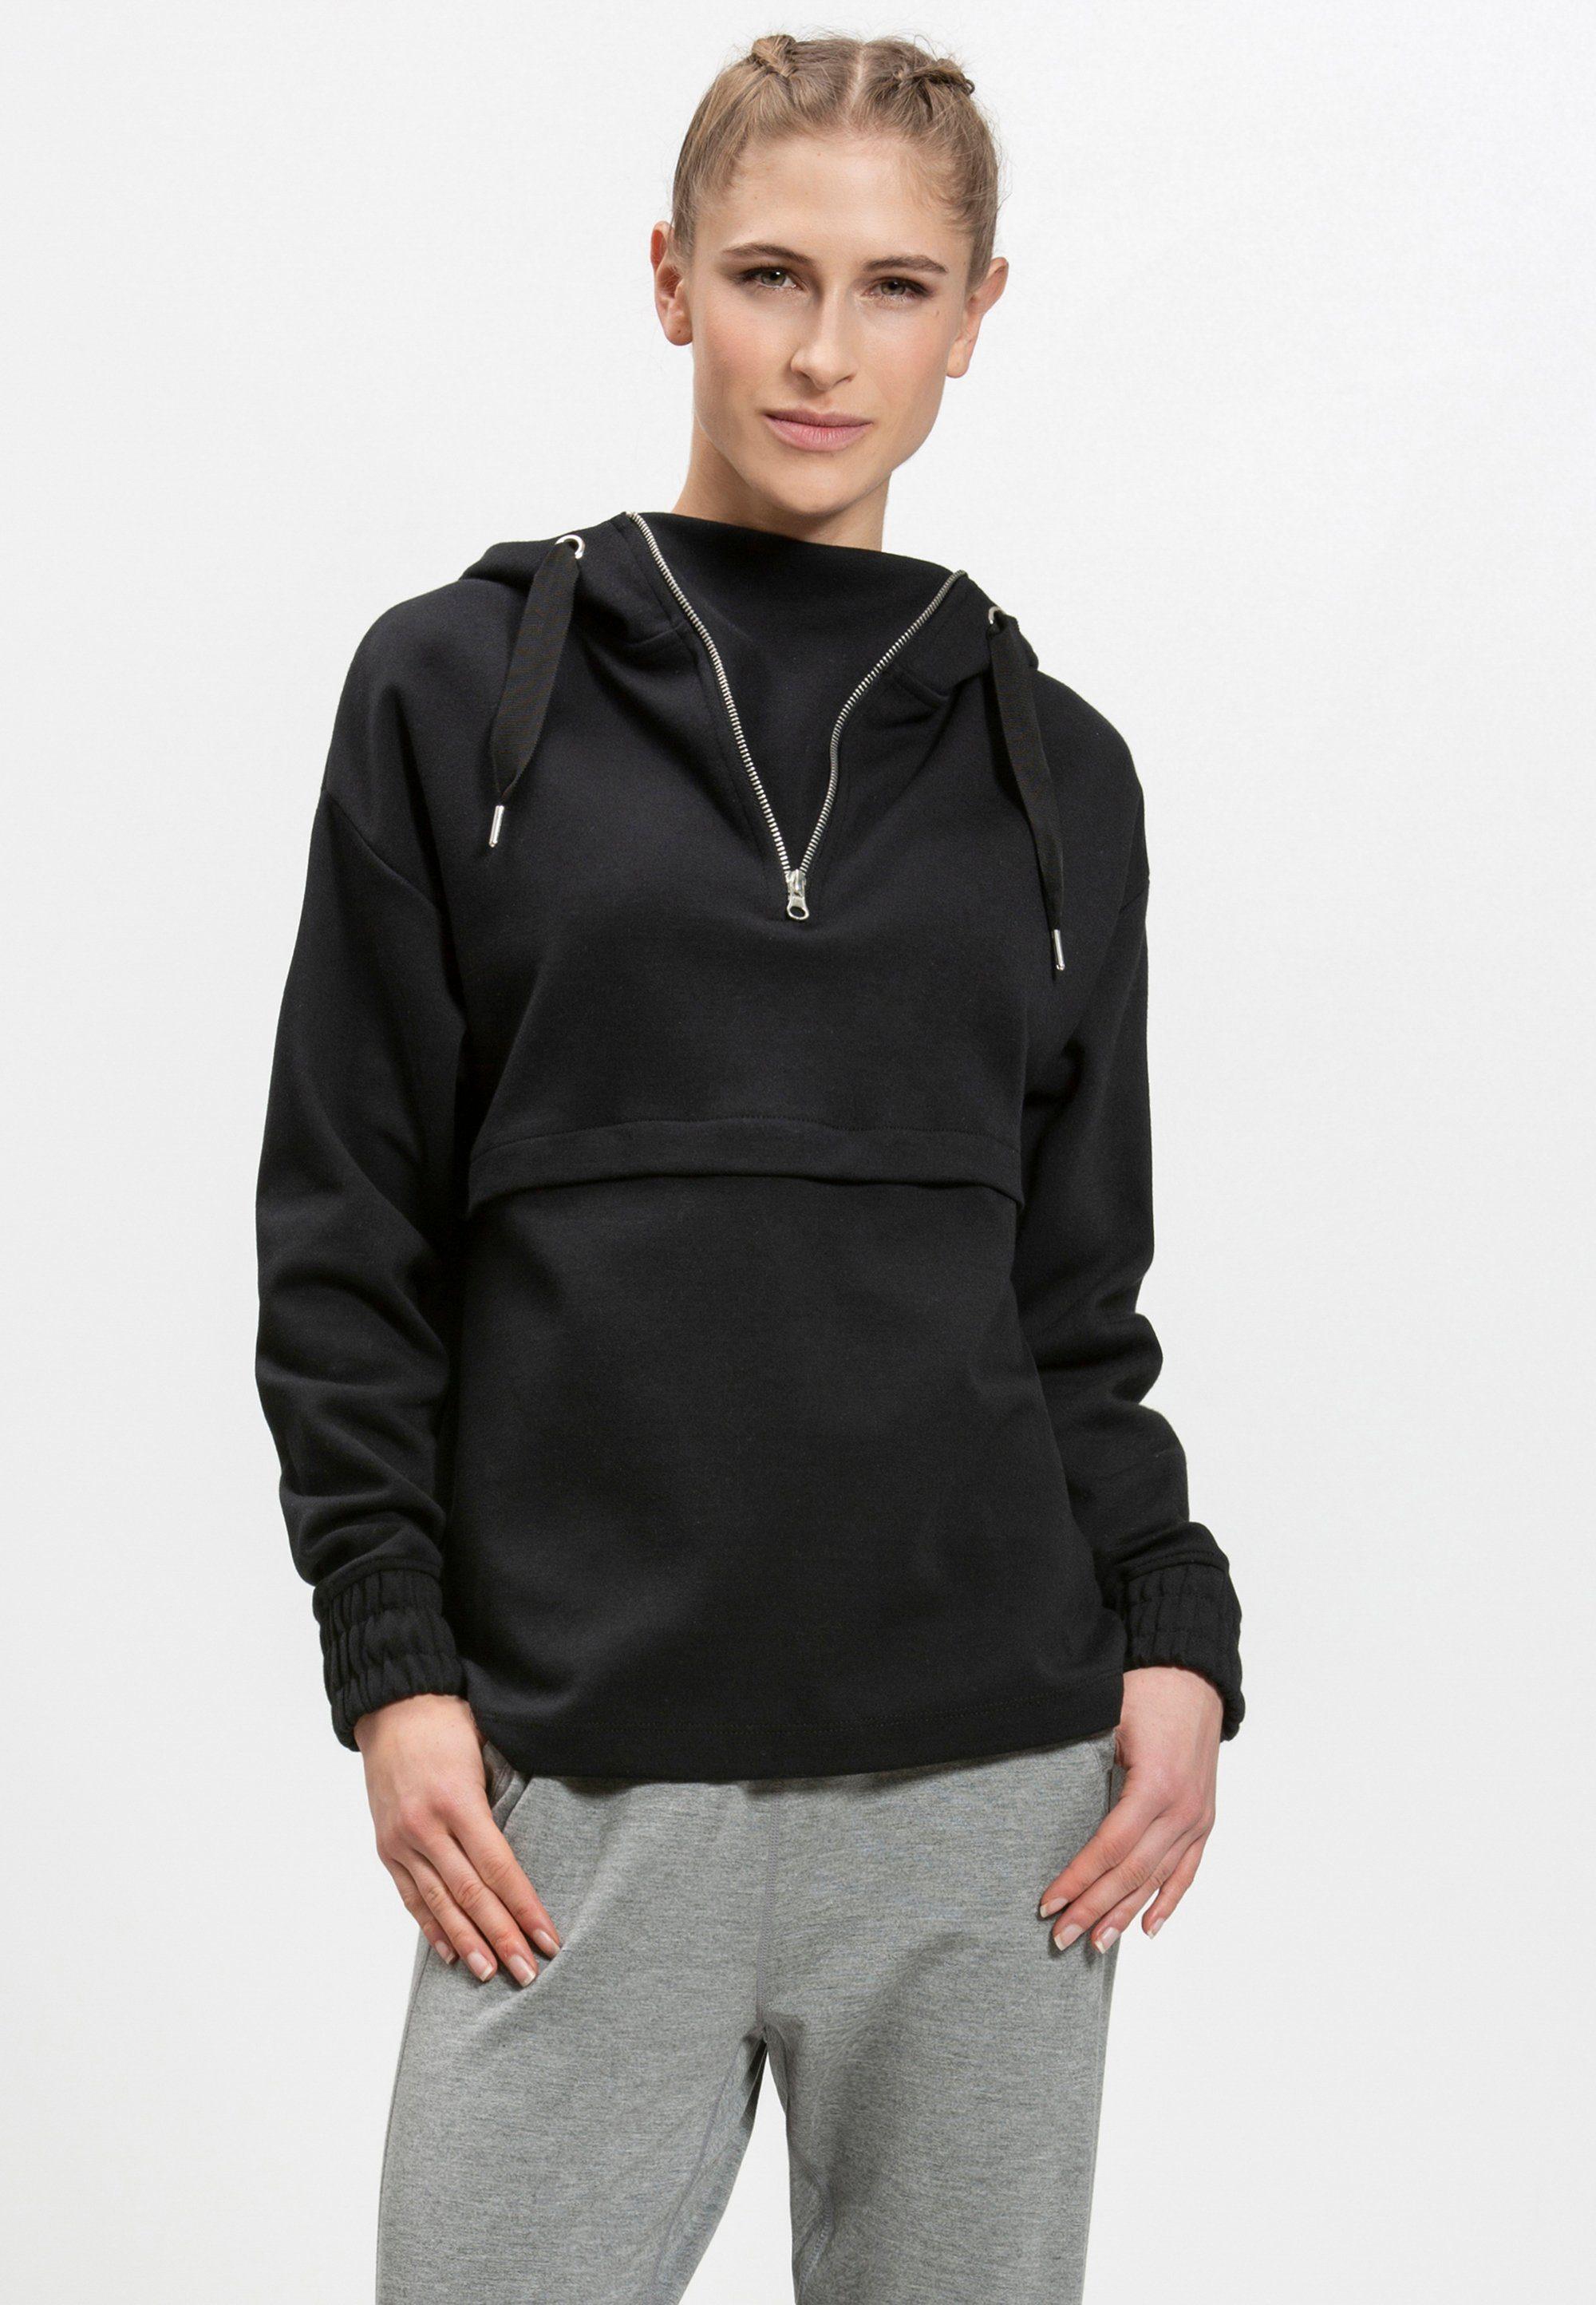 ENDURANCE ATHLECIA Langarmshirt im angesagten Urban Style »Kasa Cotton« online kaufen | OTTO